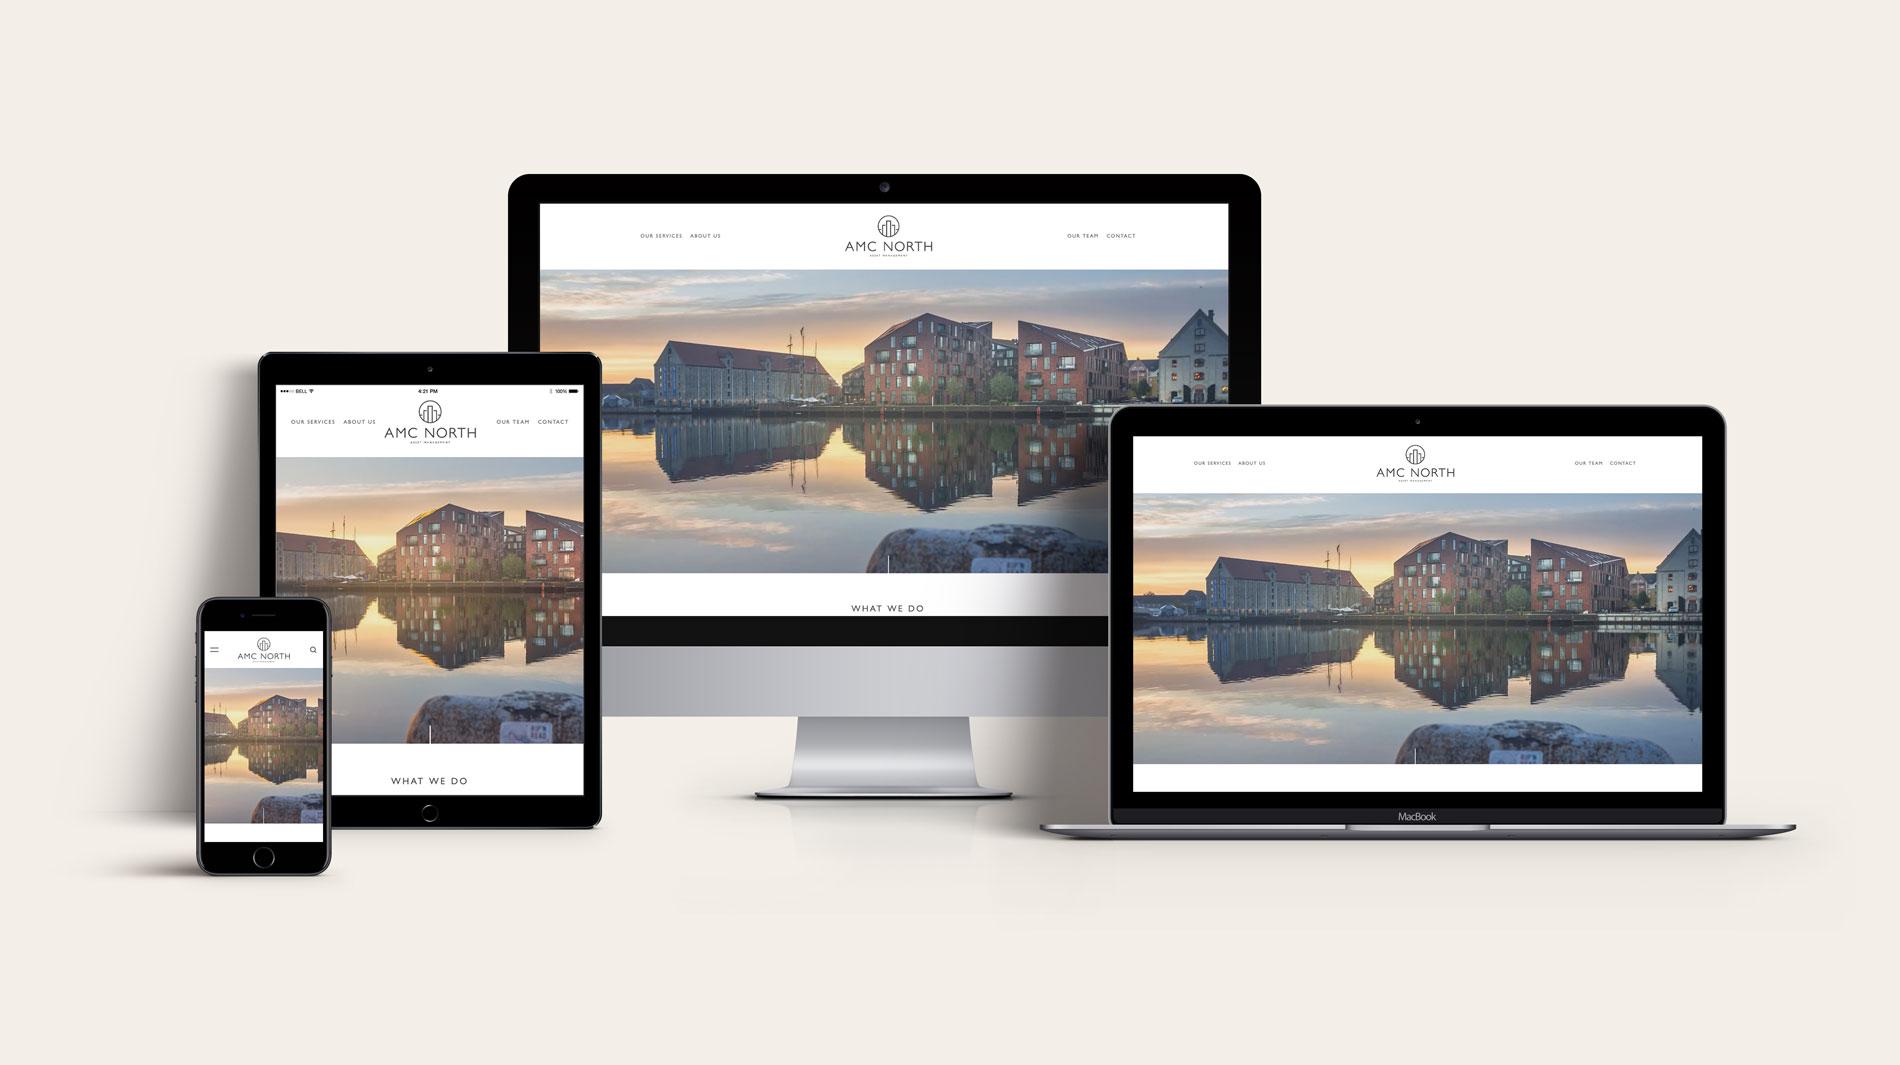 AMC-NORTH-Web-Showcase.jpg